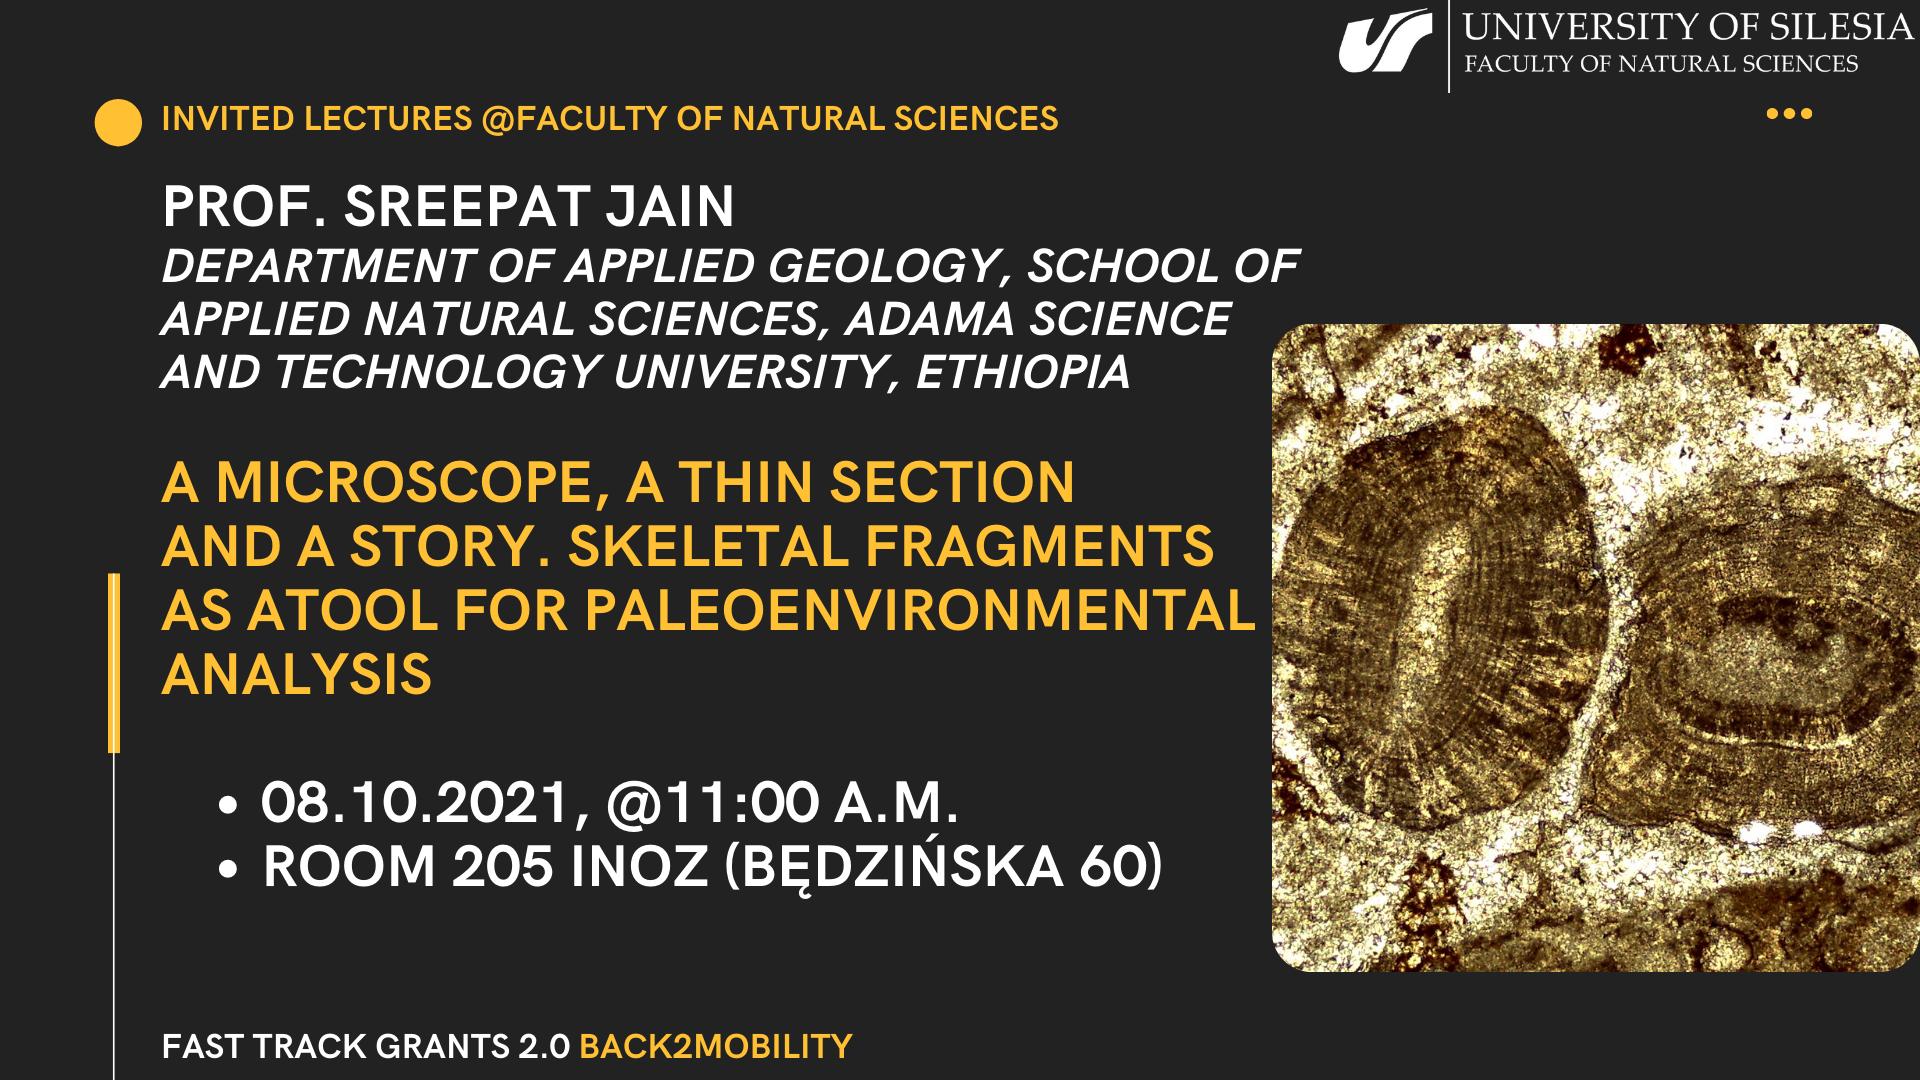 grafika promująca wykład - tekst na brunatnym tle, po prawej stronie zdjęcie mikroskopowe skamieniałości